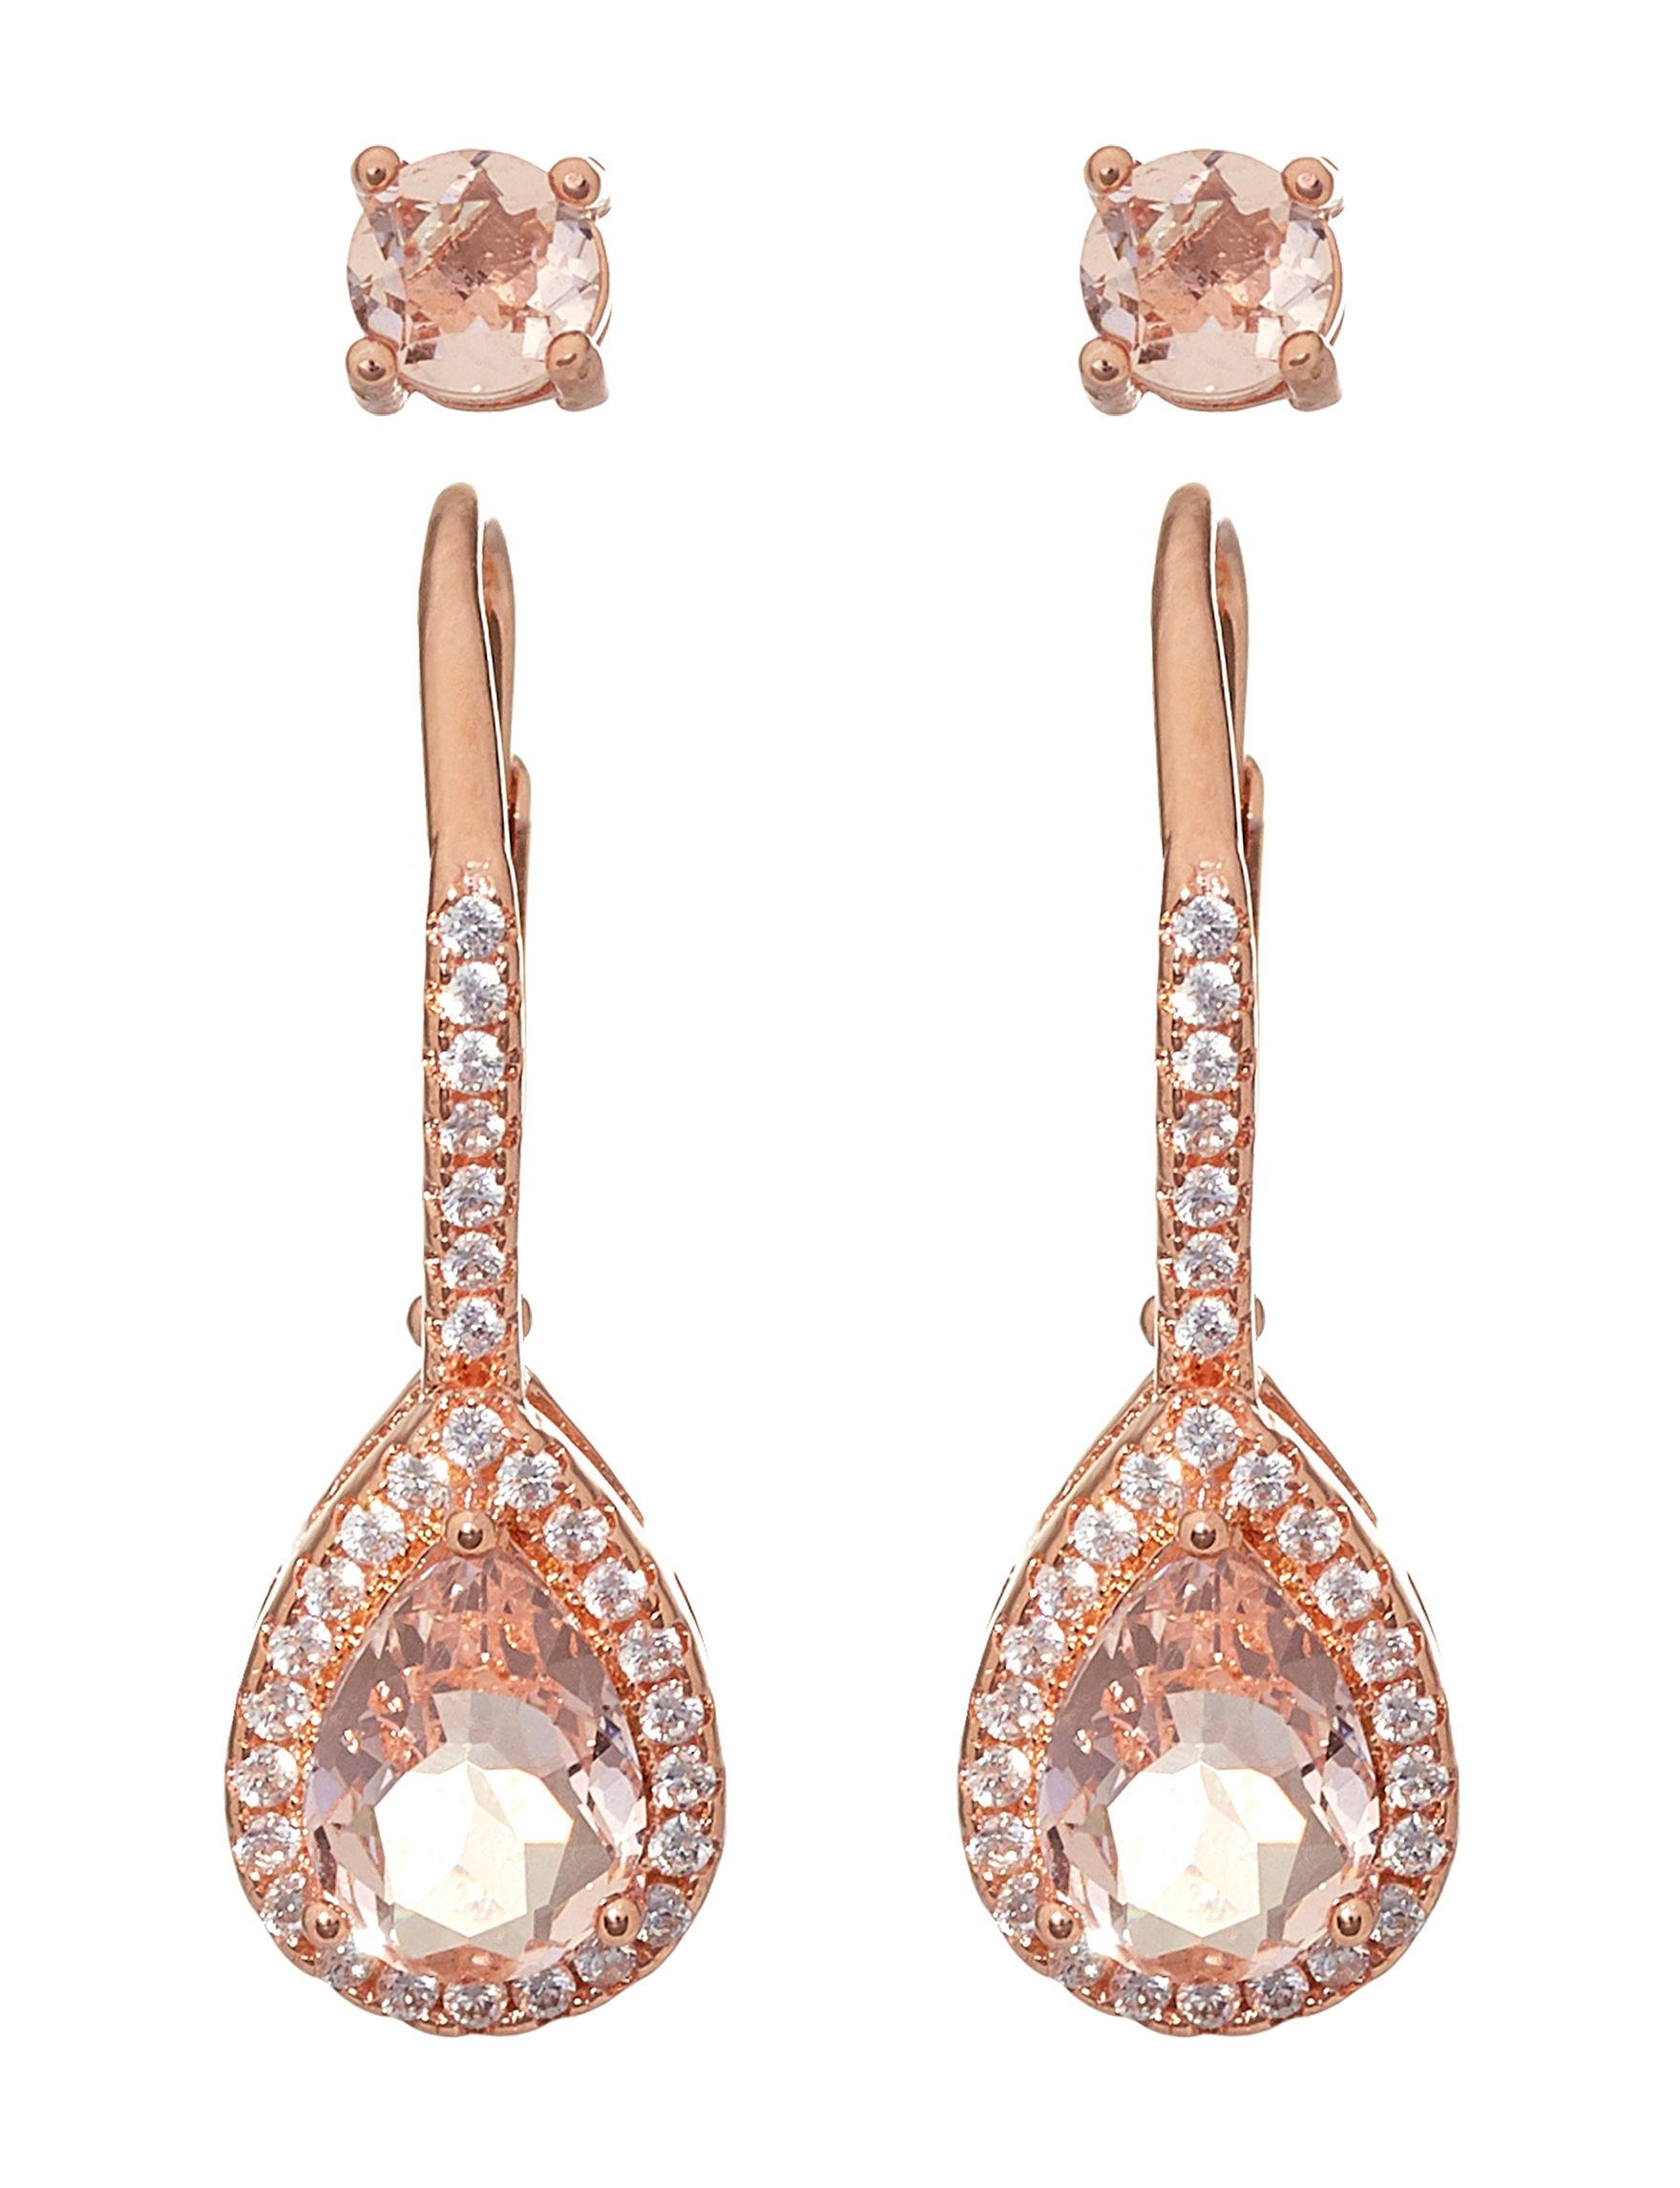 NES Rose Gold Drops Studs Earrings Fine Jewelry